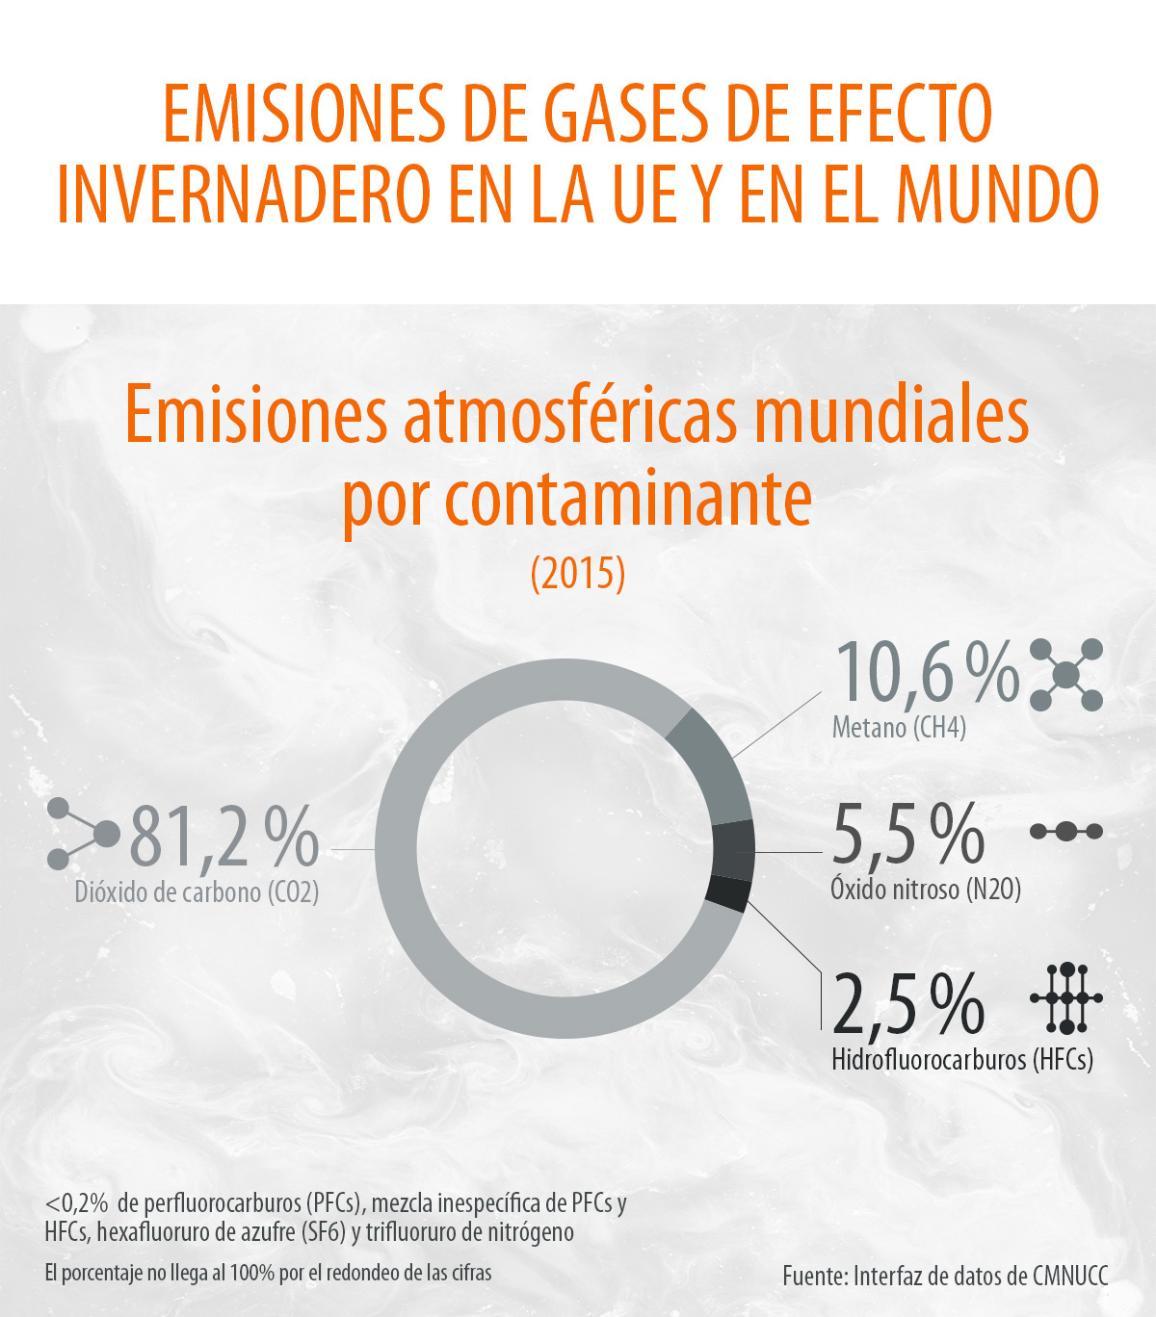 Infografía: emisiones de gases de efecto invernadero producidas en la UE en 2015 y la aportación de varios gases